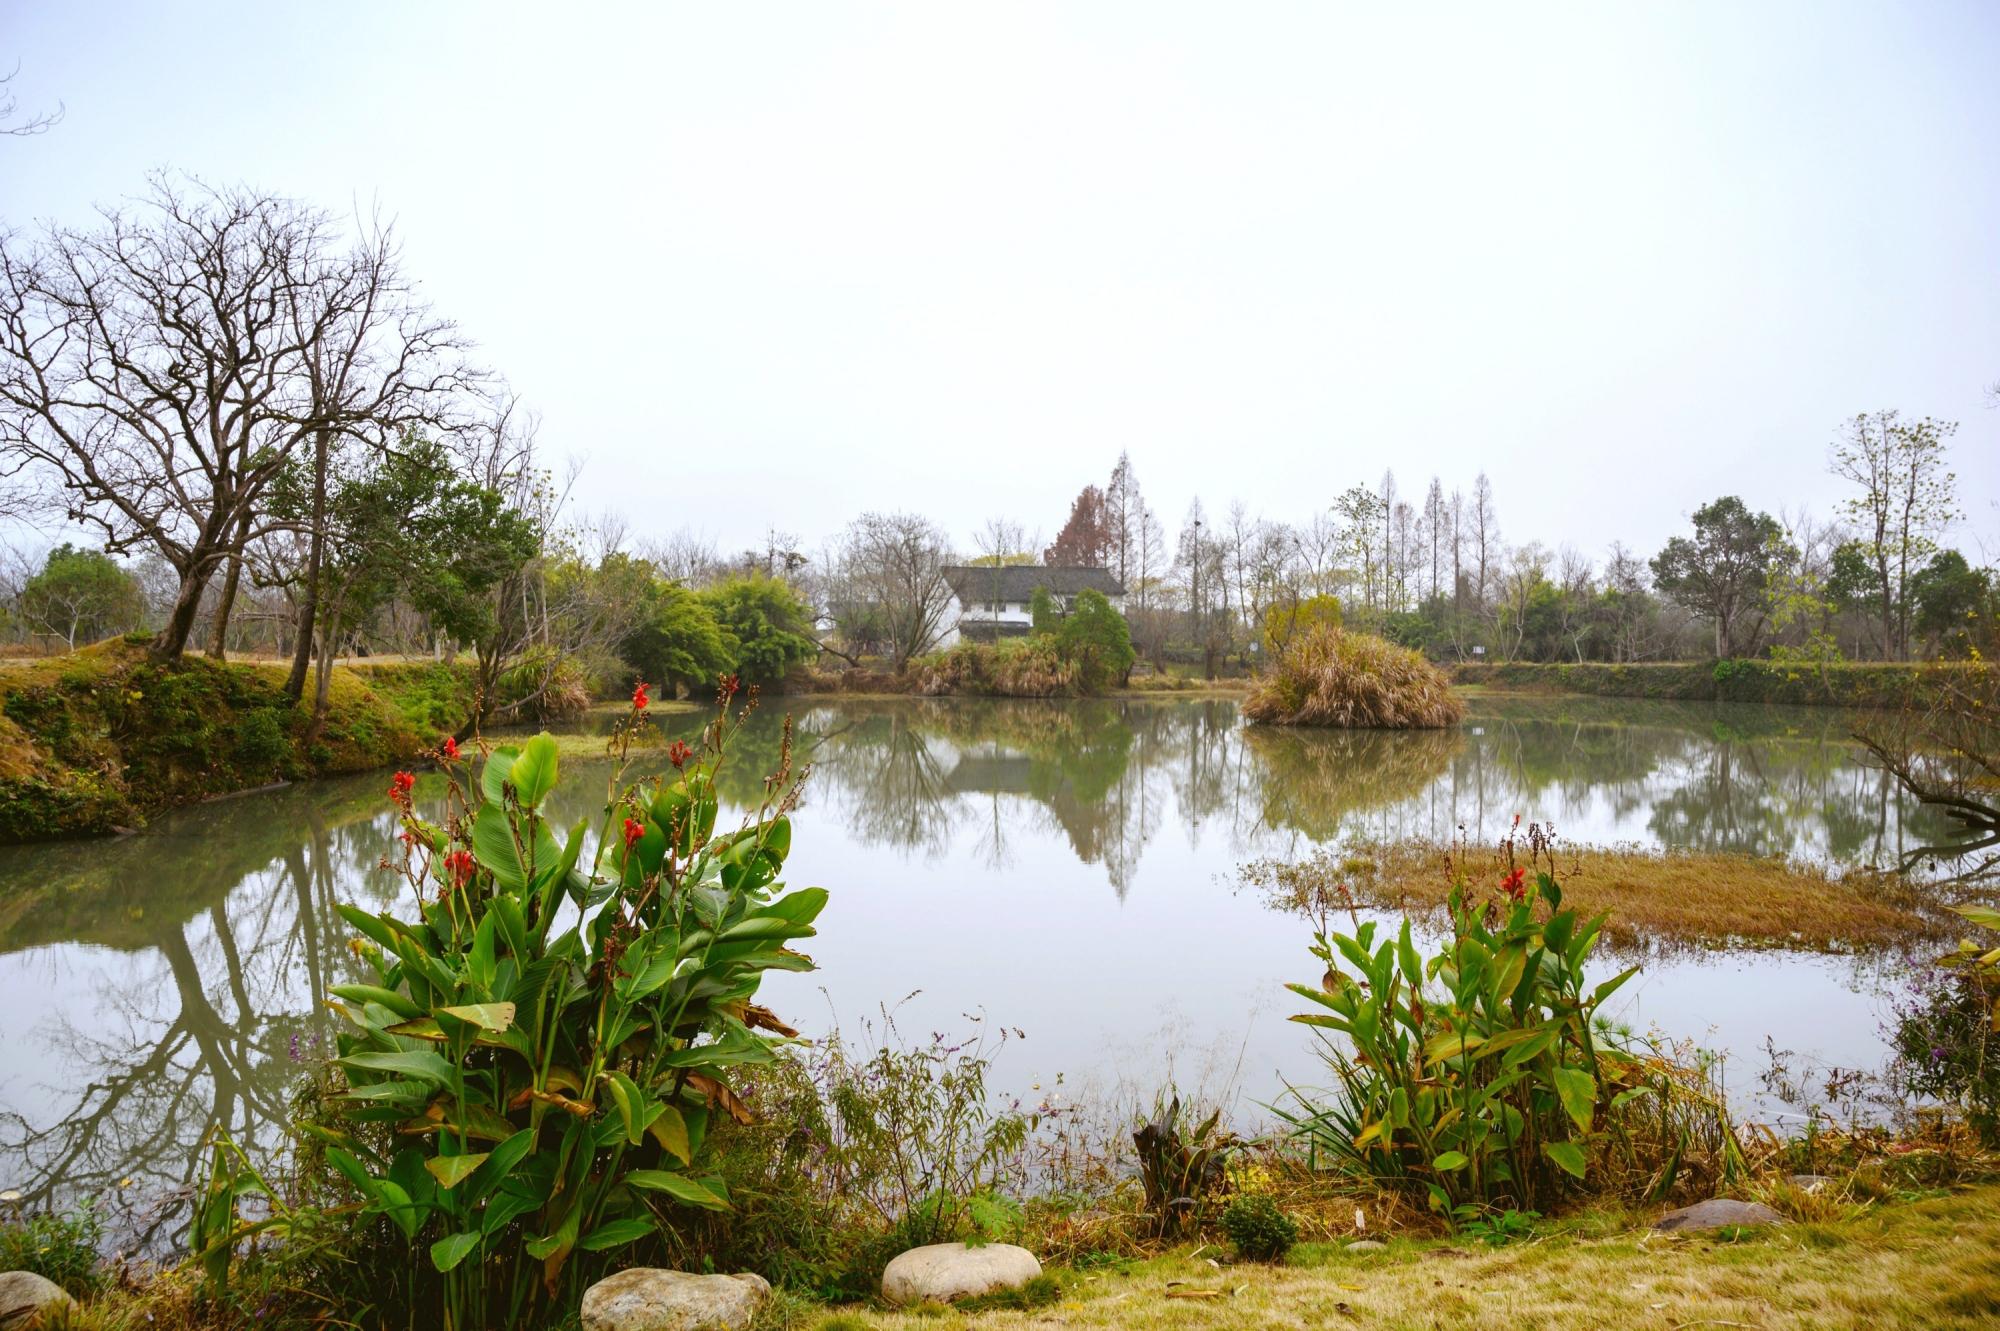 """原创 杭州十里芳菲,隐于西溪深处的""""世外桃源"""",惊艳的让时光停留"""